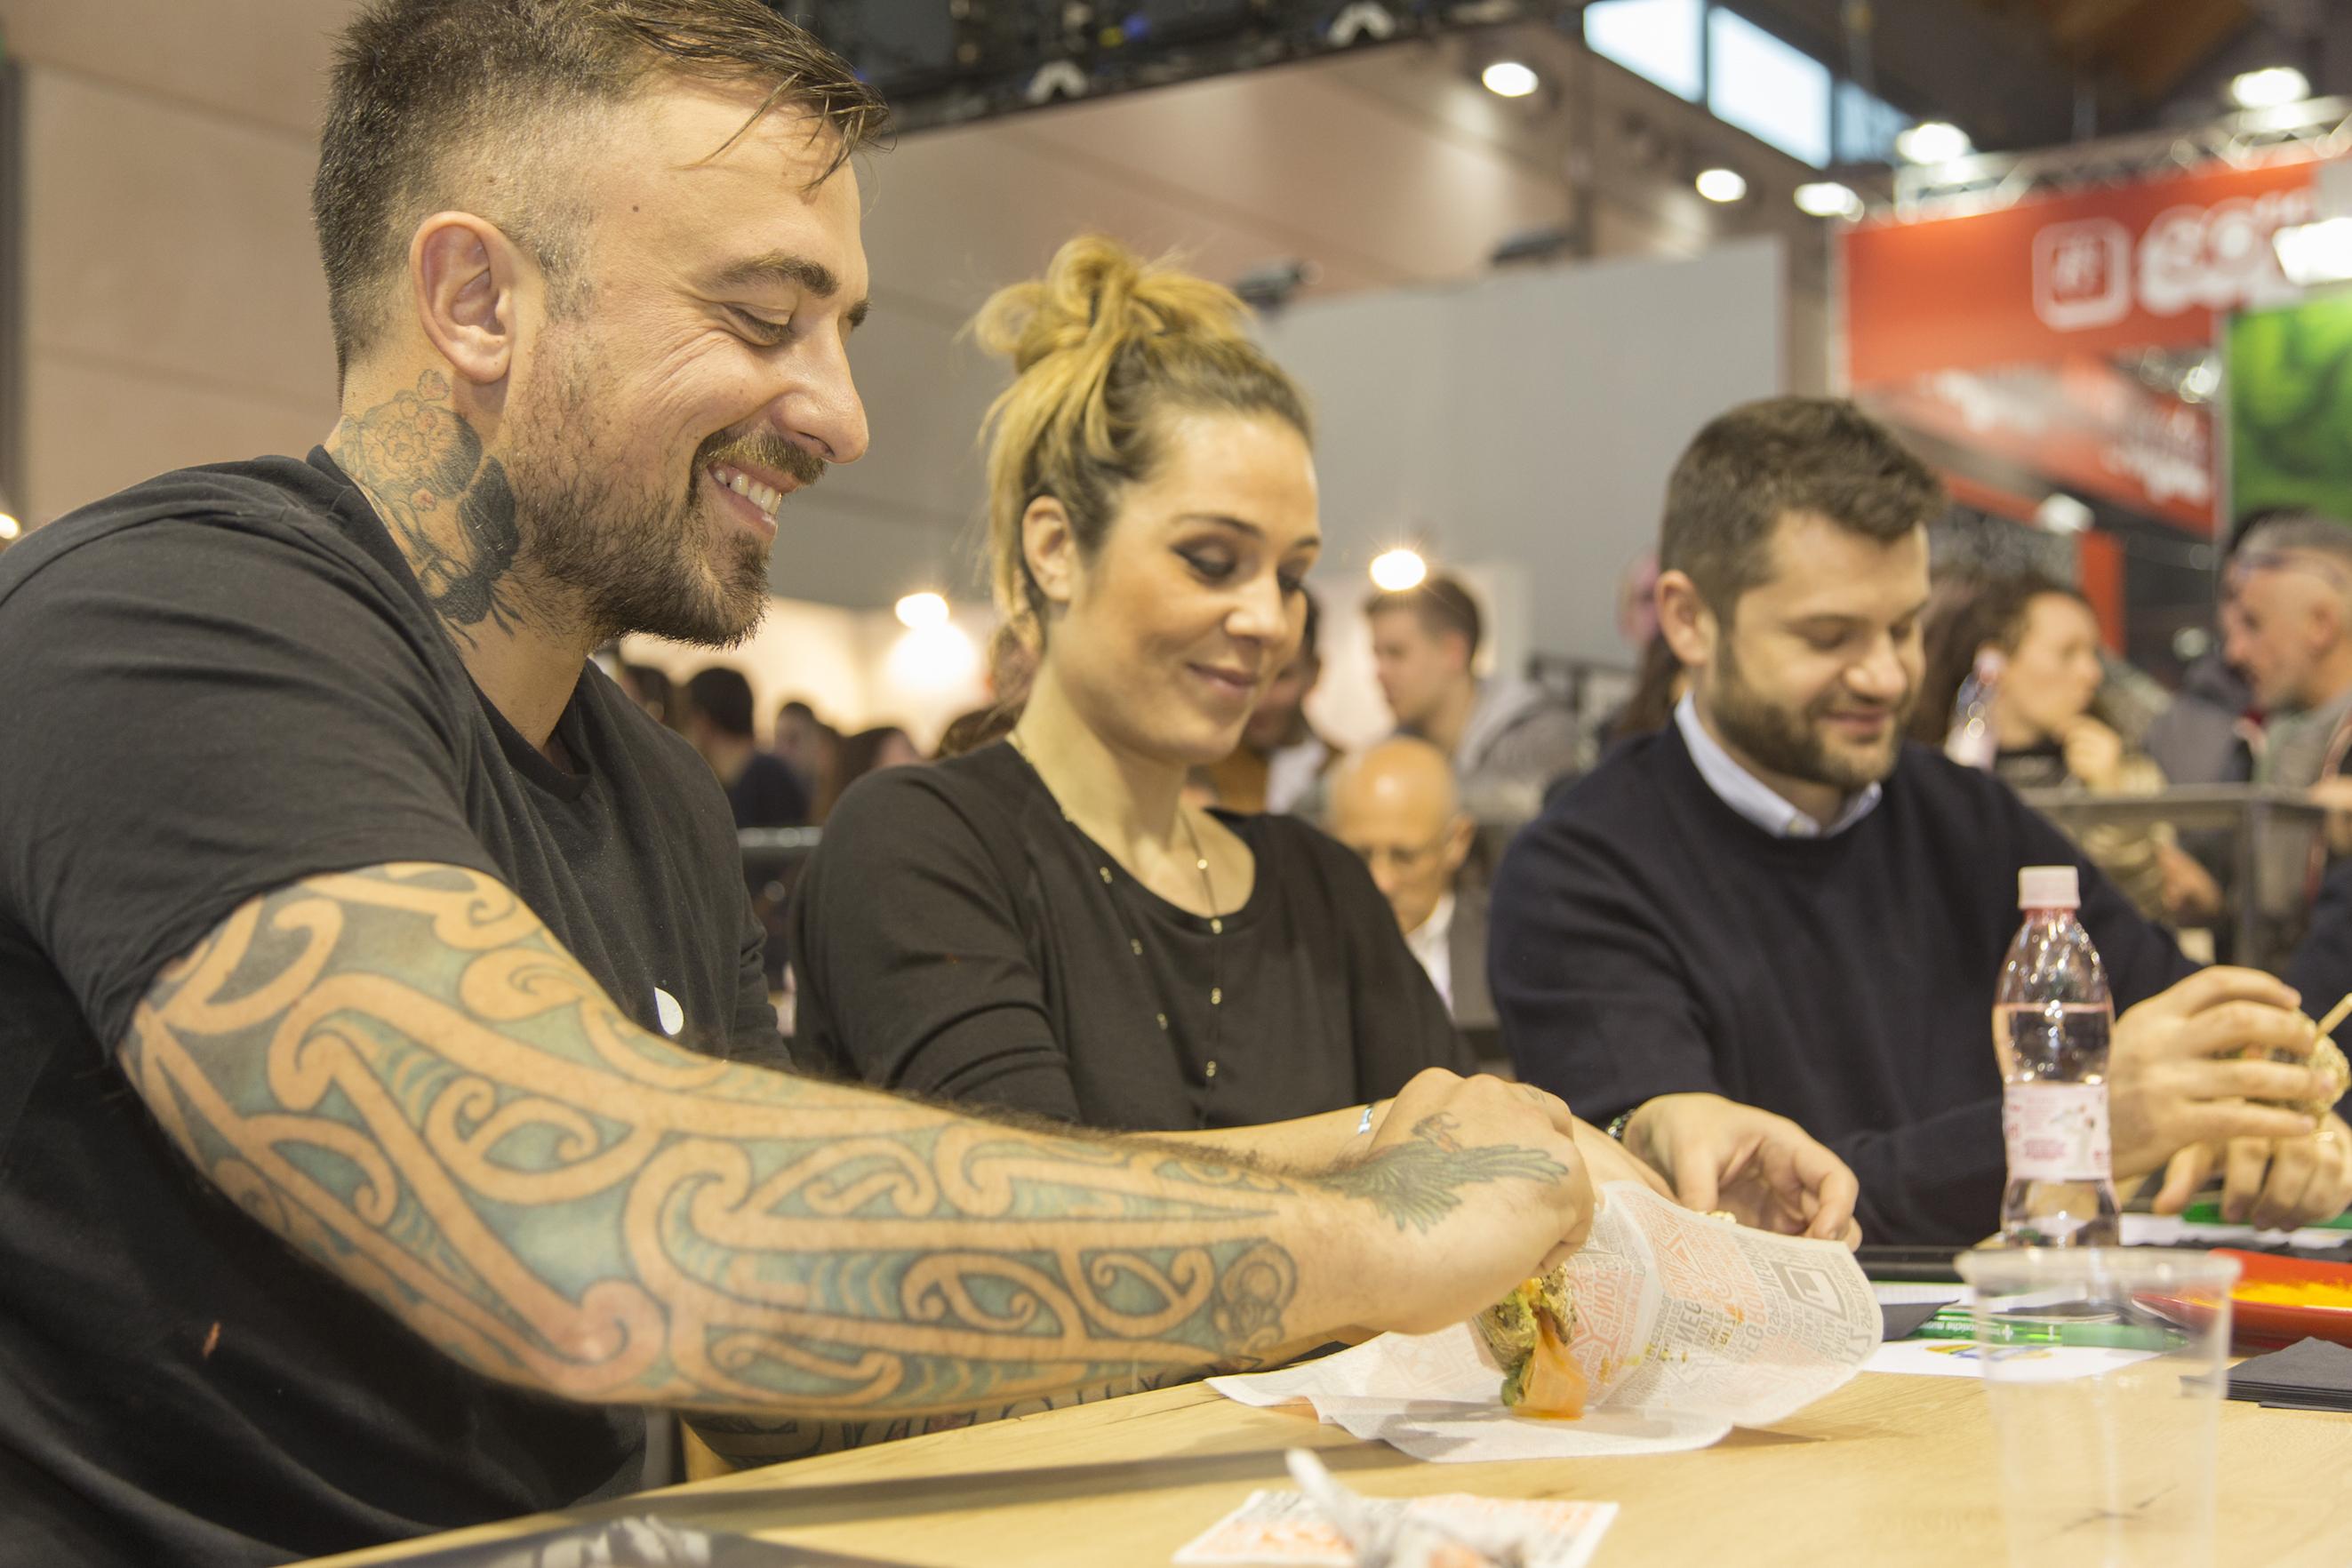 chef rubio Artista del panino 2017